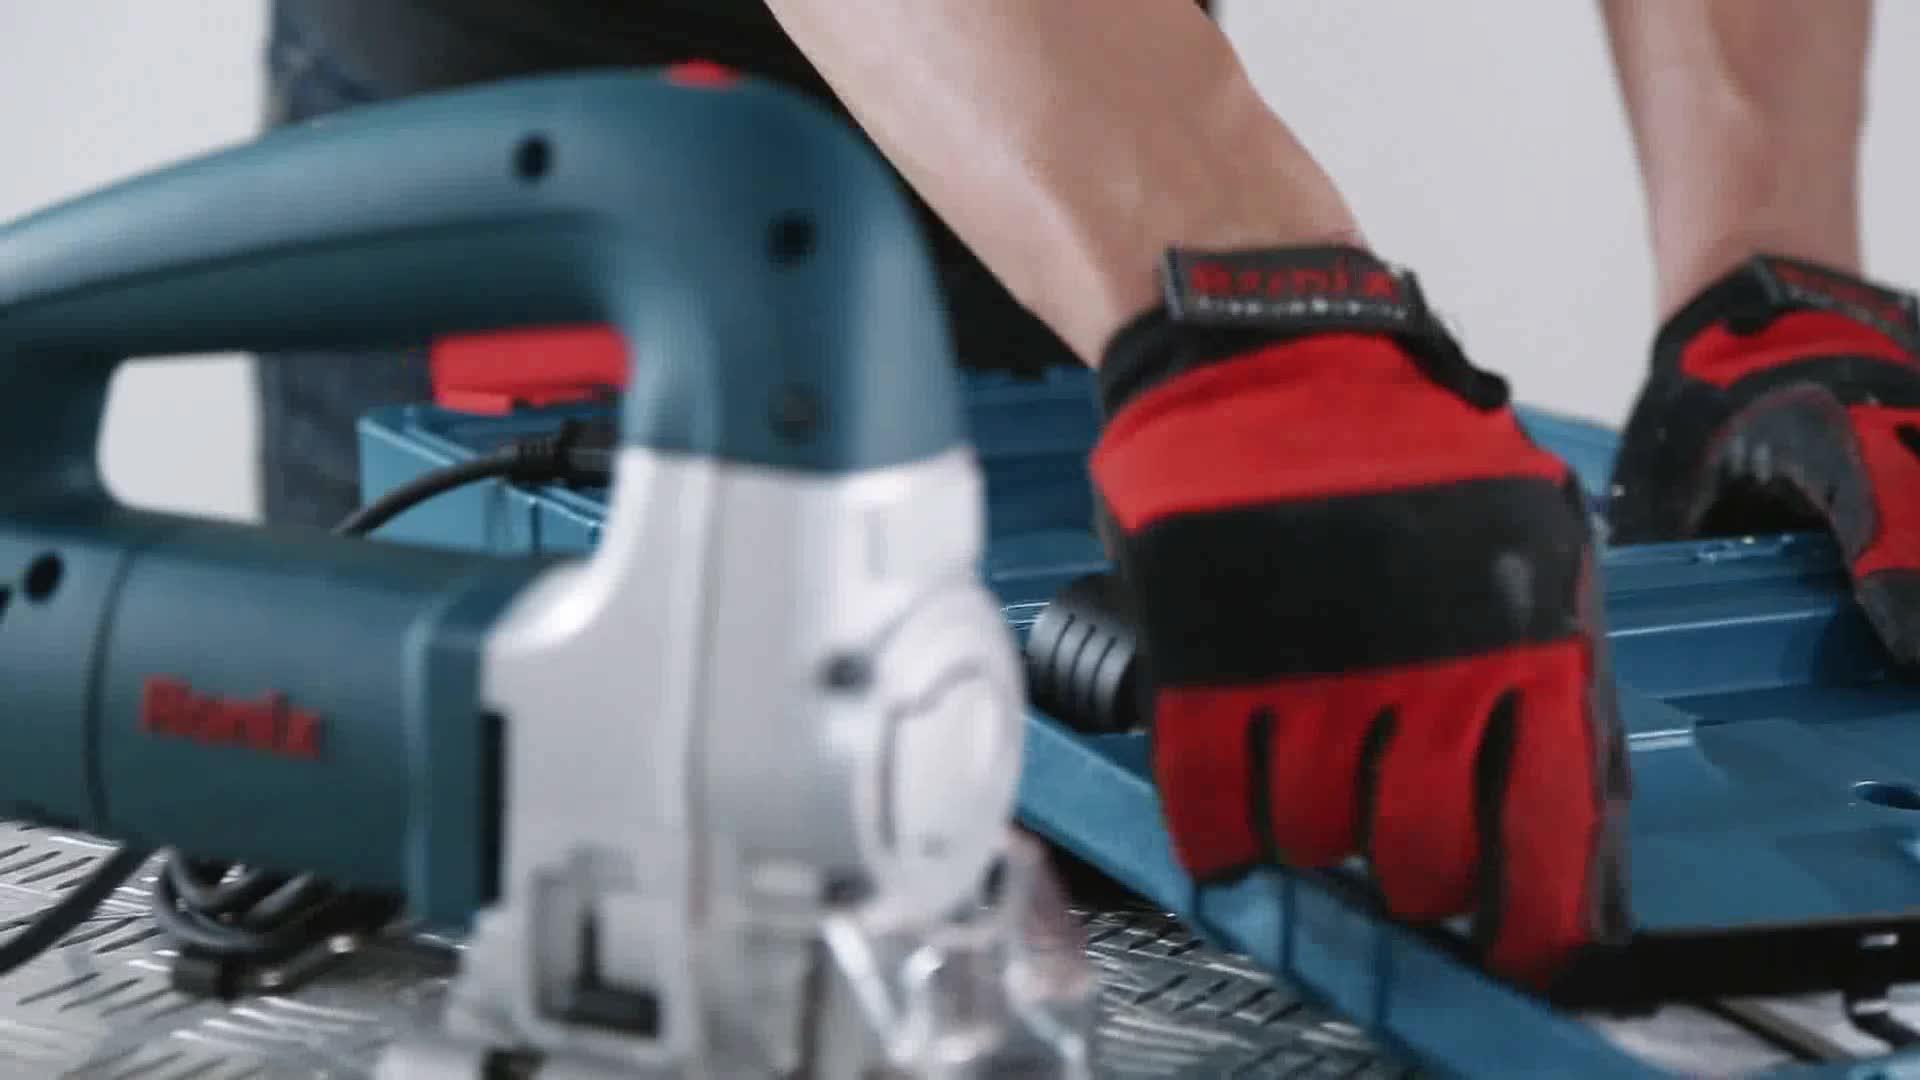 Ronix Taşınabilir Akülü Jig Testere Makinesi Akülü Güç Aracı 12 V modeli 8801 stokta